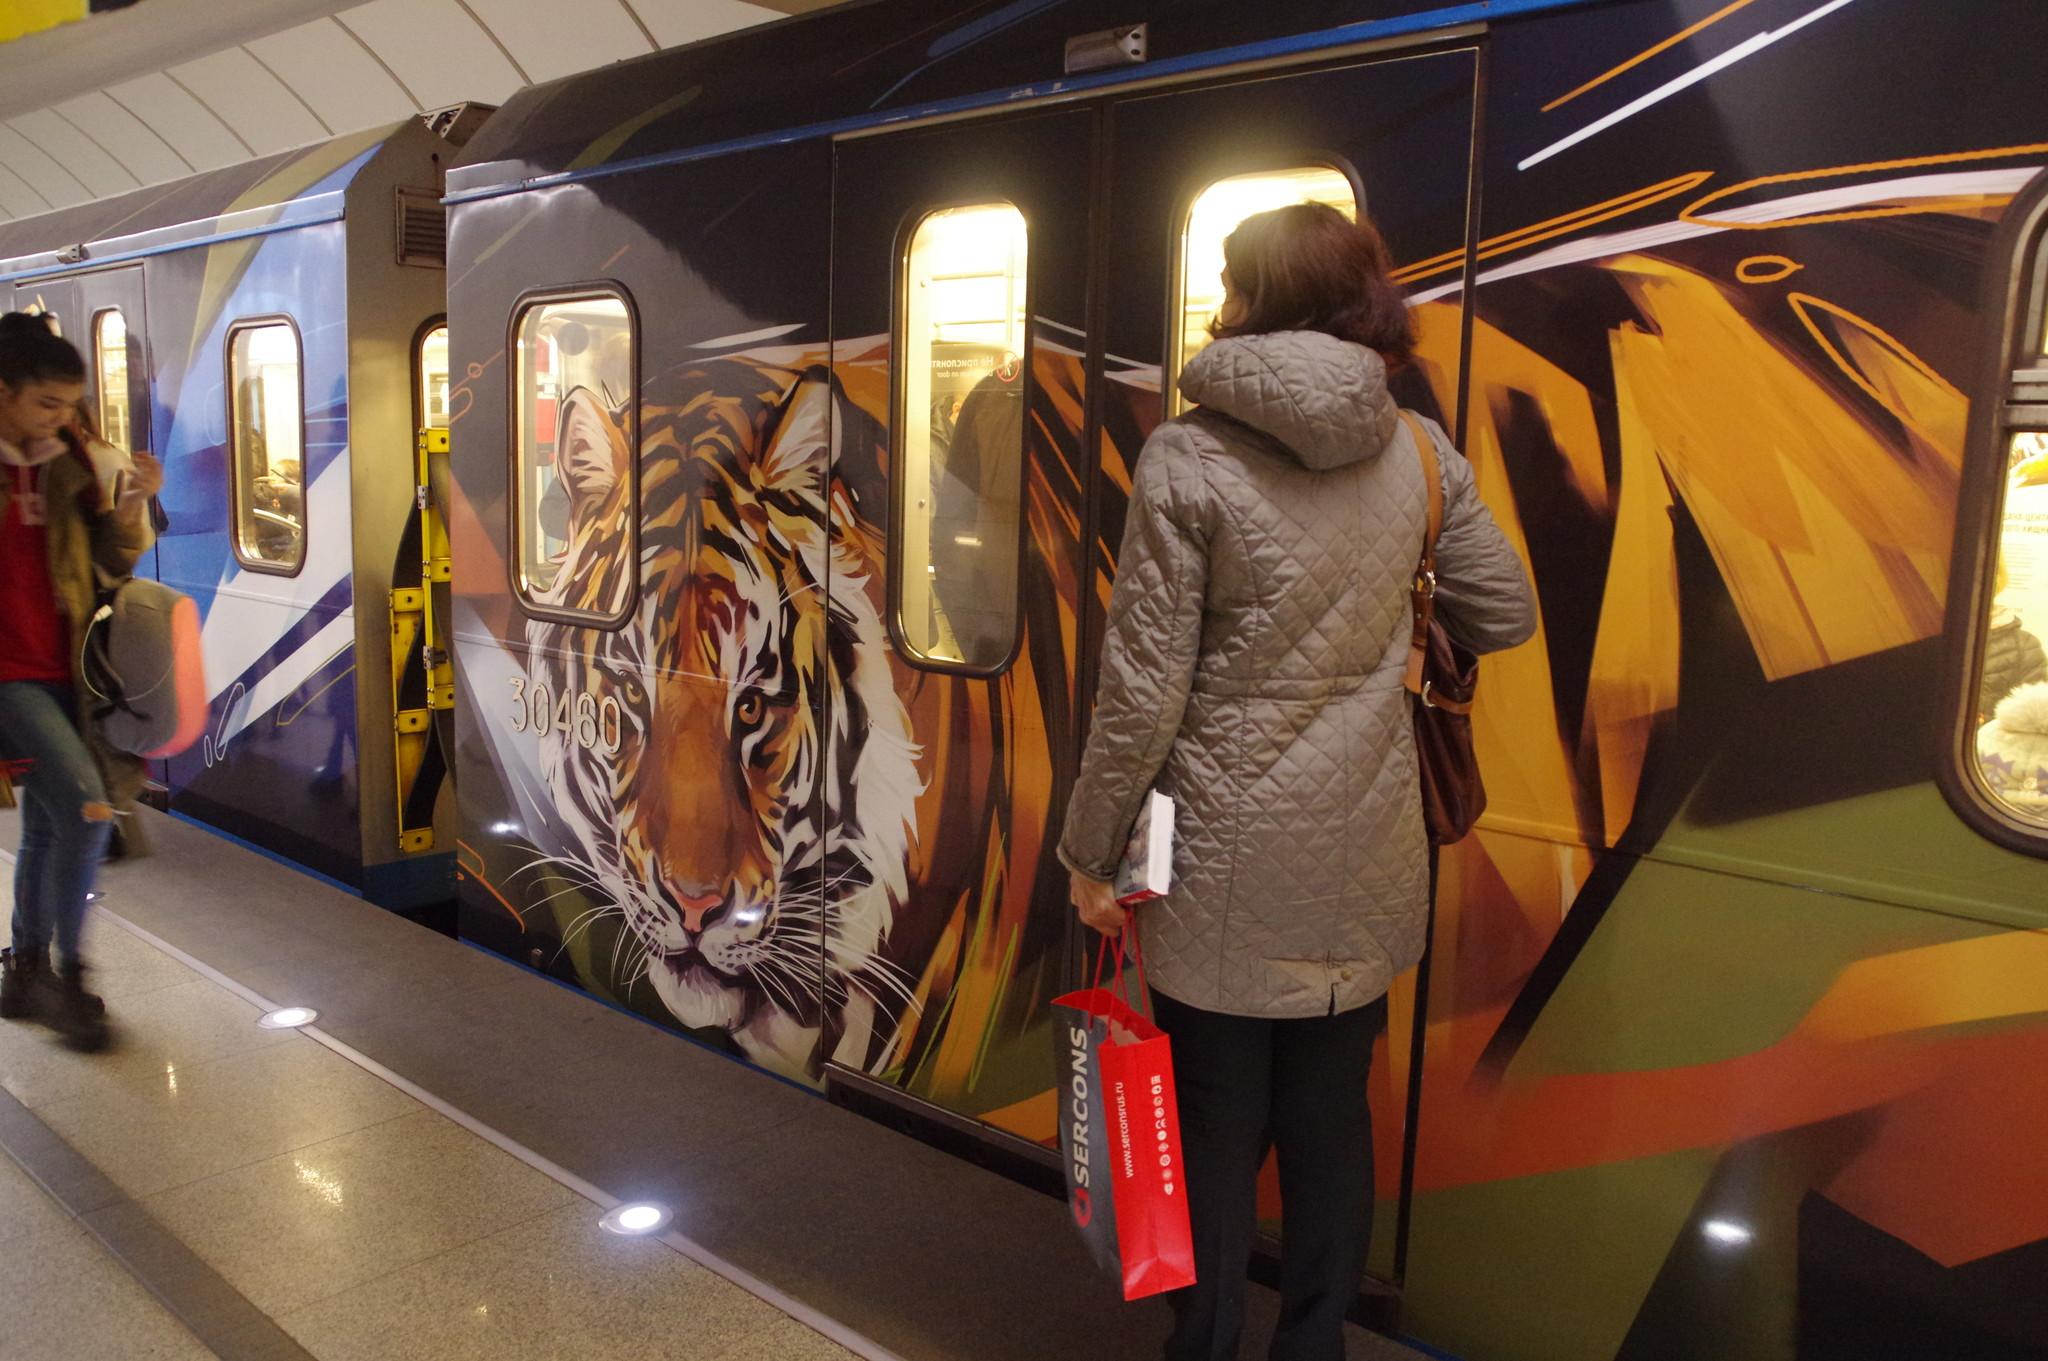 Тематический поезд «Полосатый экспресс» на Серпуховско-Тимирязевской линии Московского метрополитена